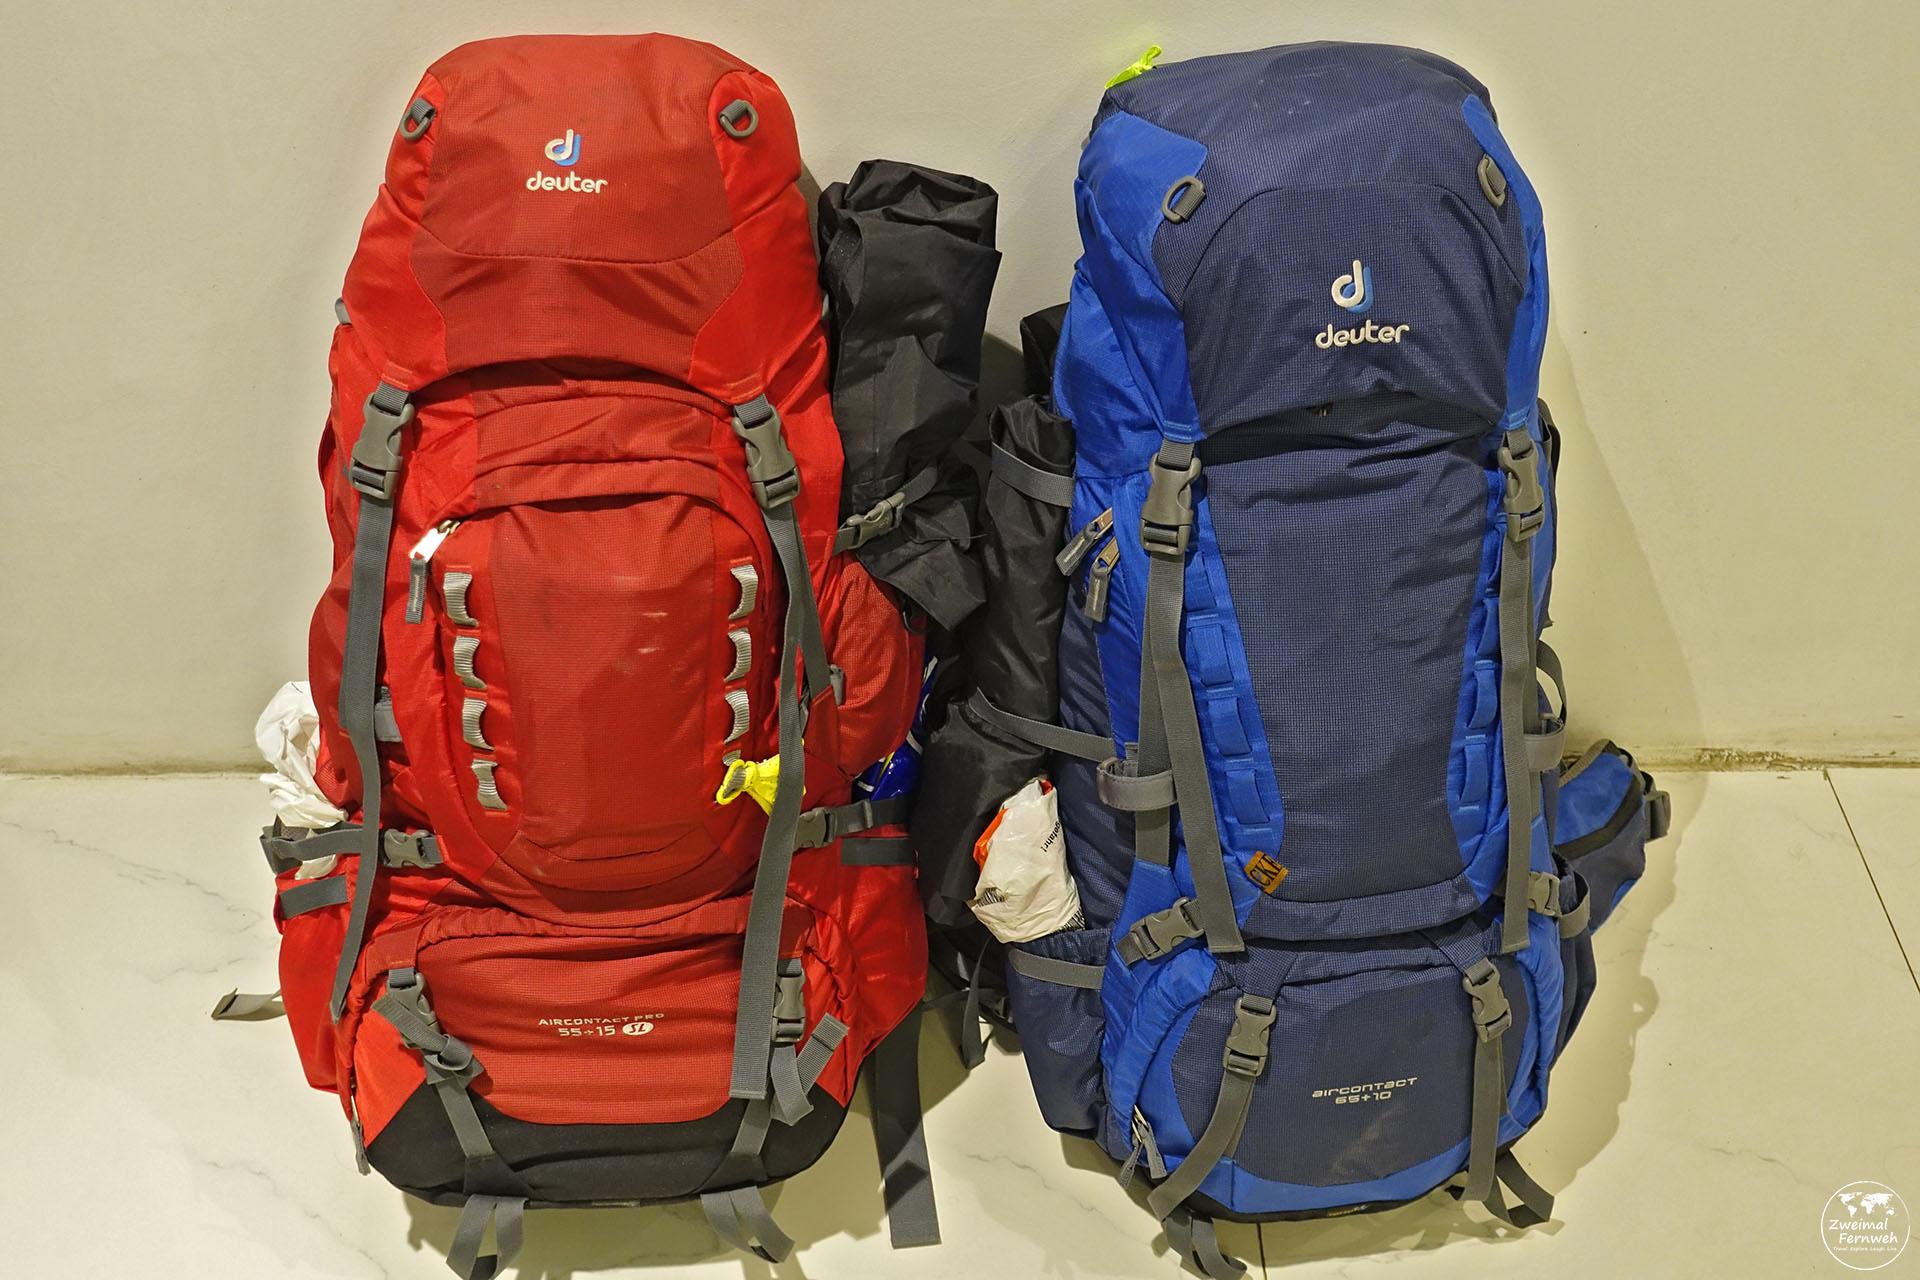 Unsere Backpacking Deuter Rucks loäcke, die wir auf unserer Weltreise dabei haben